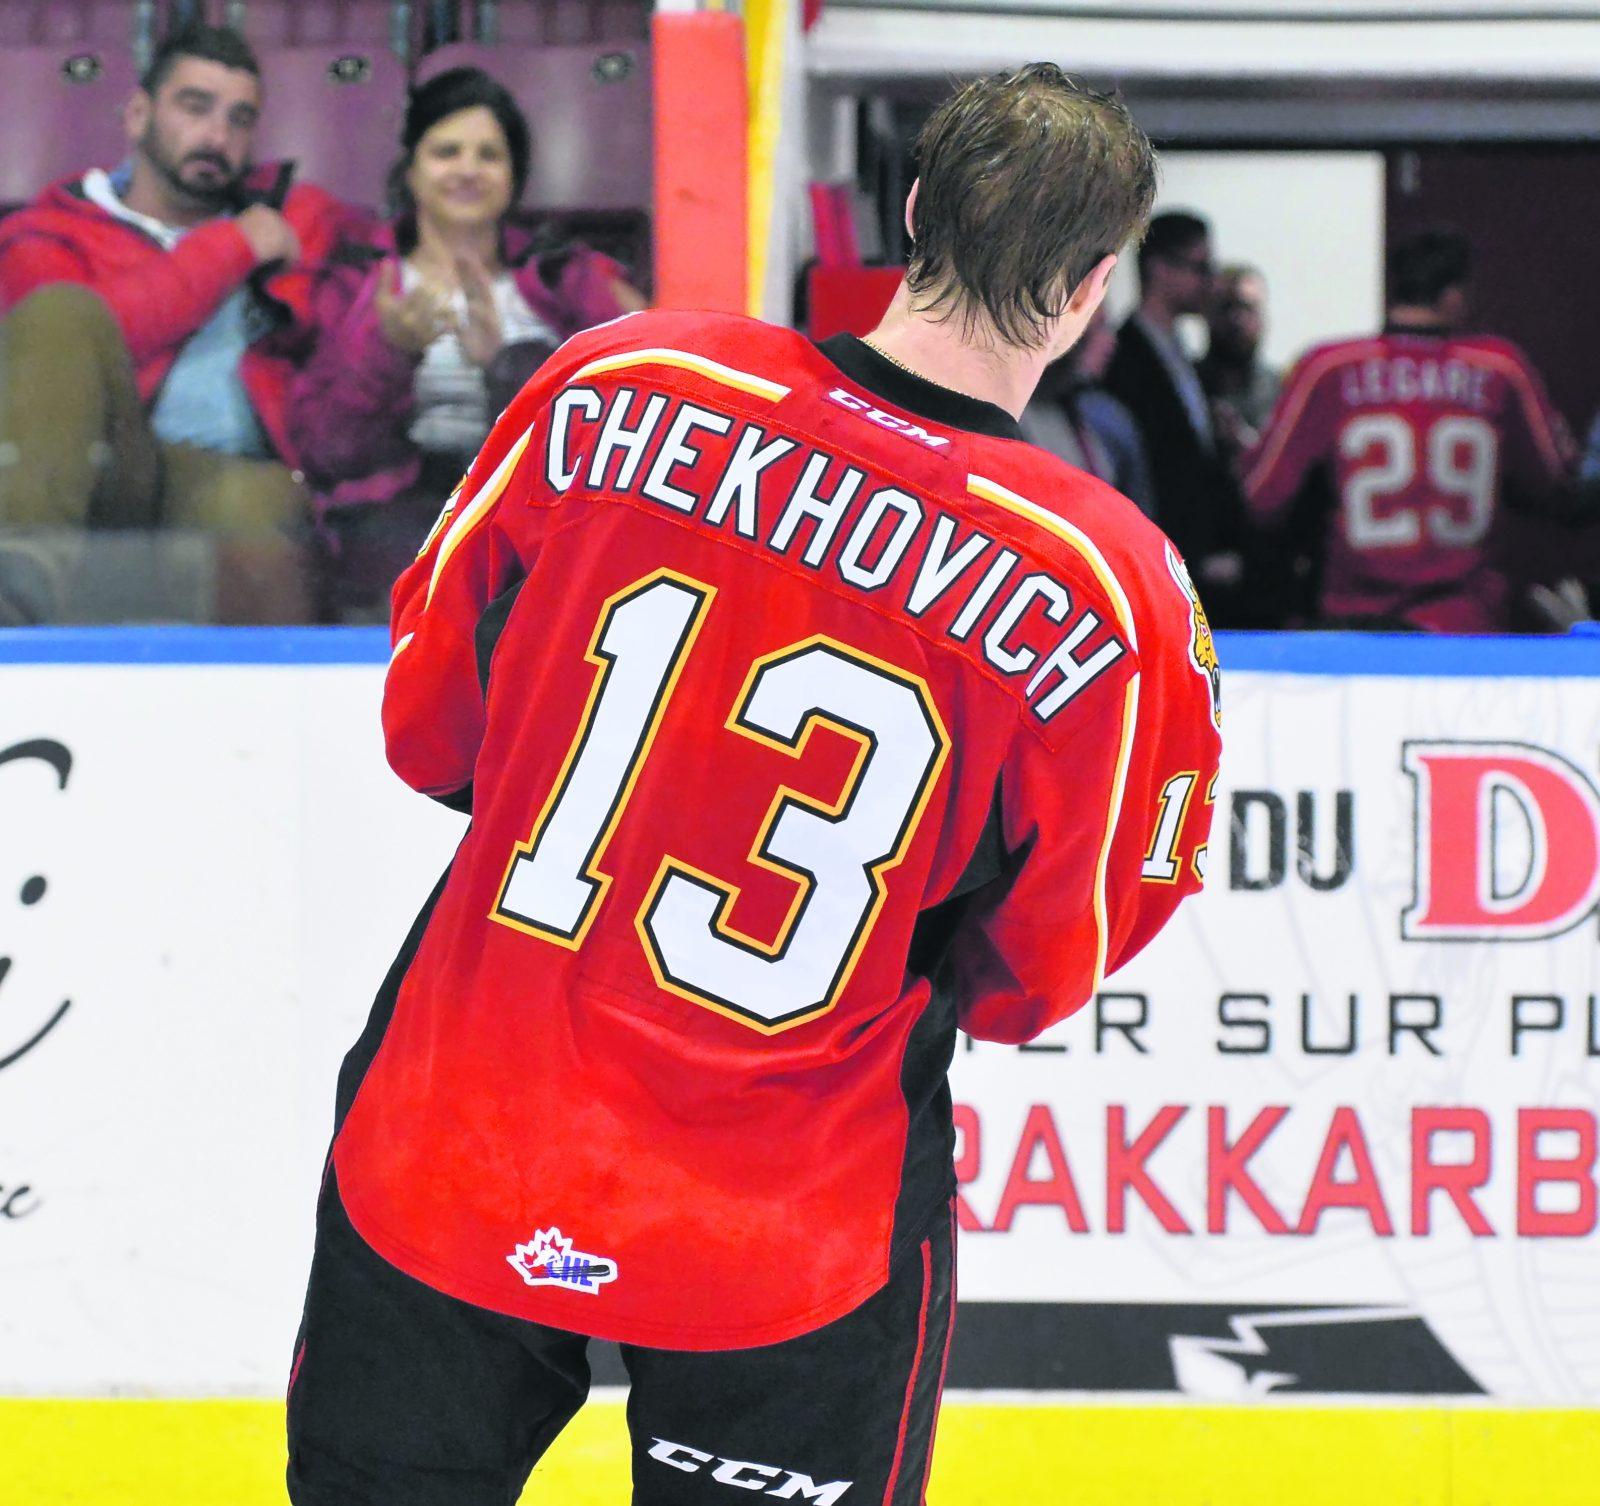 Ivan Chekhovich veut se rendre jusqu'au bout